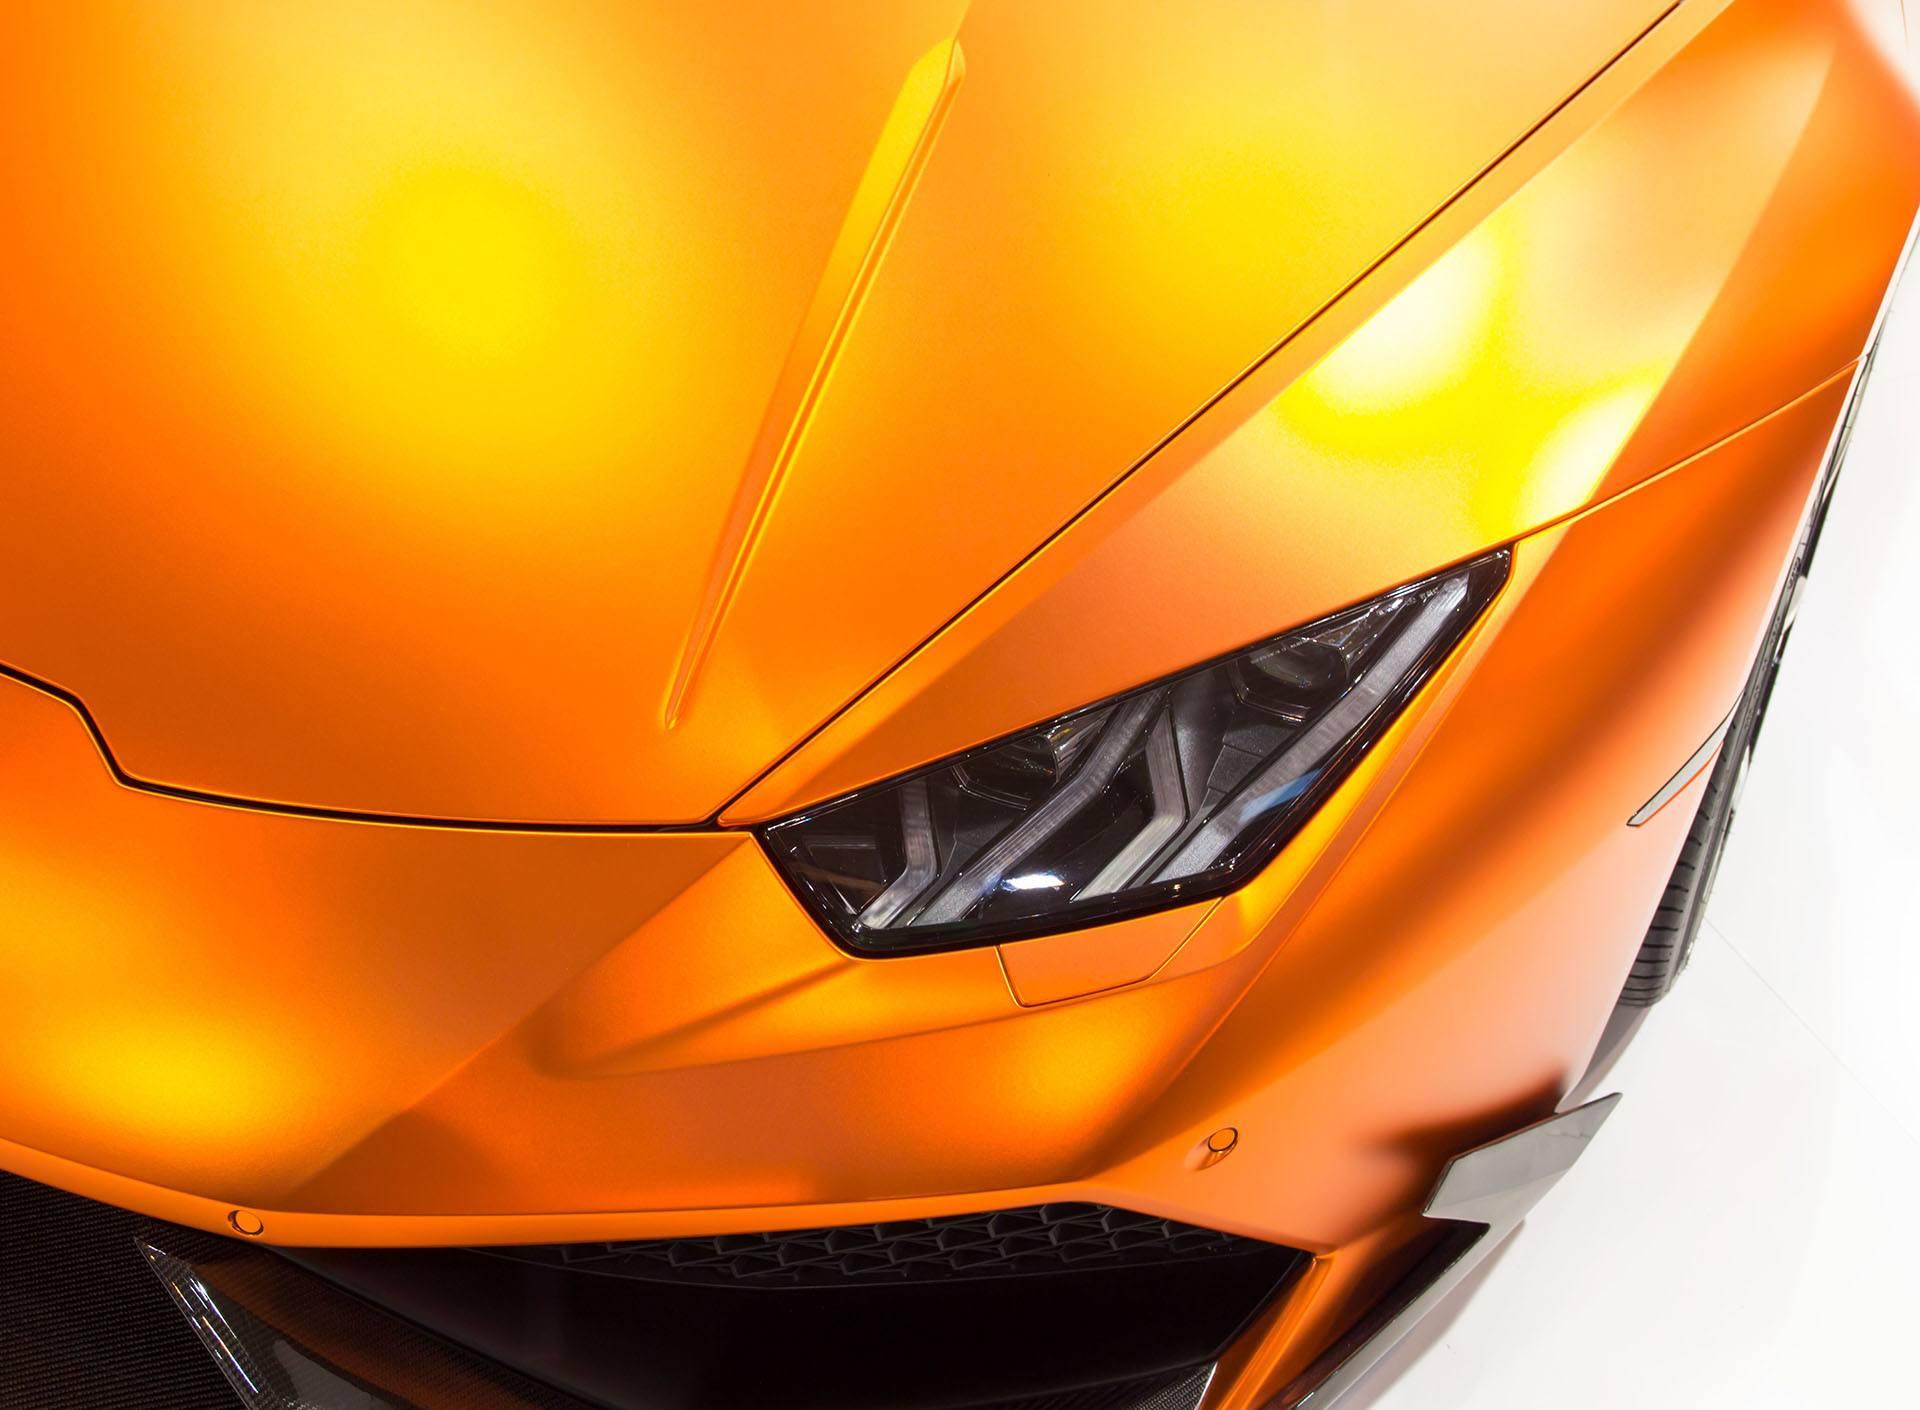 Lamborghini mise sur l'occasion certifiée